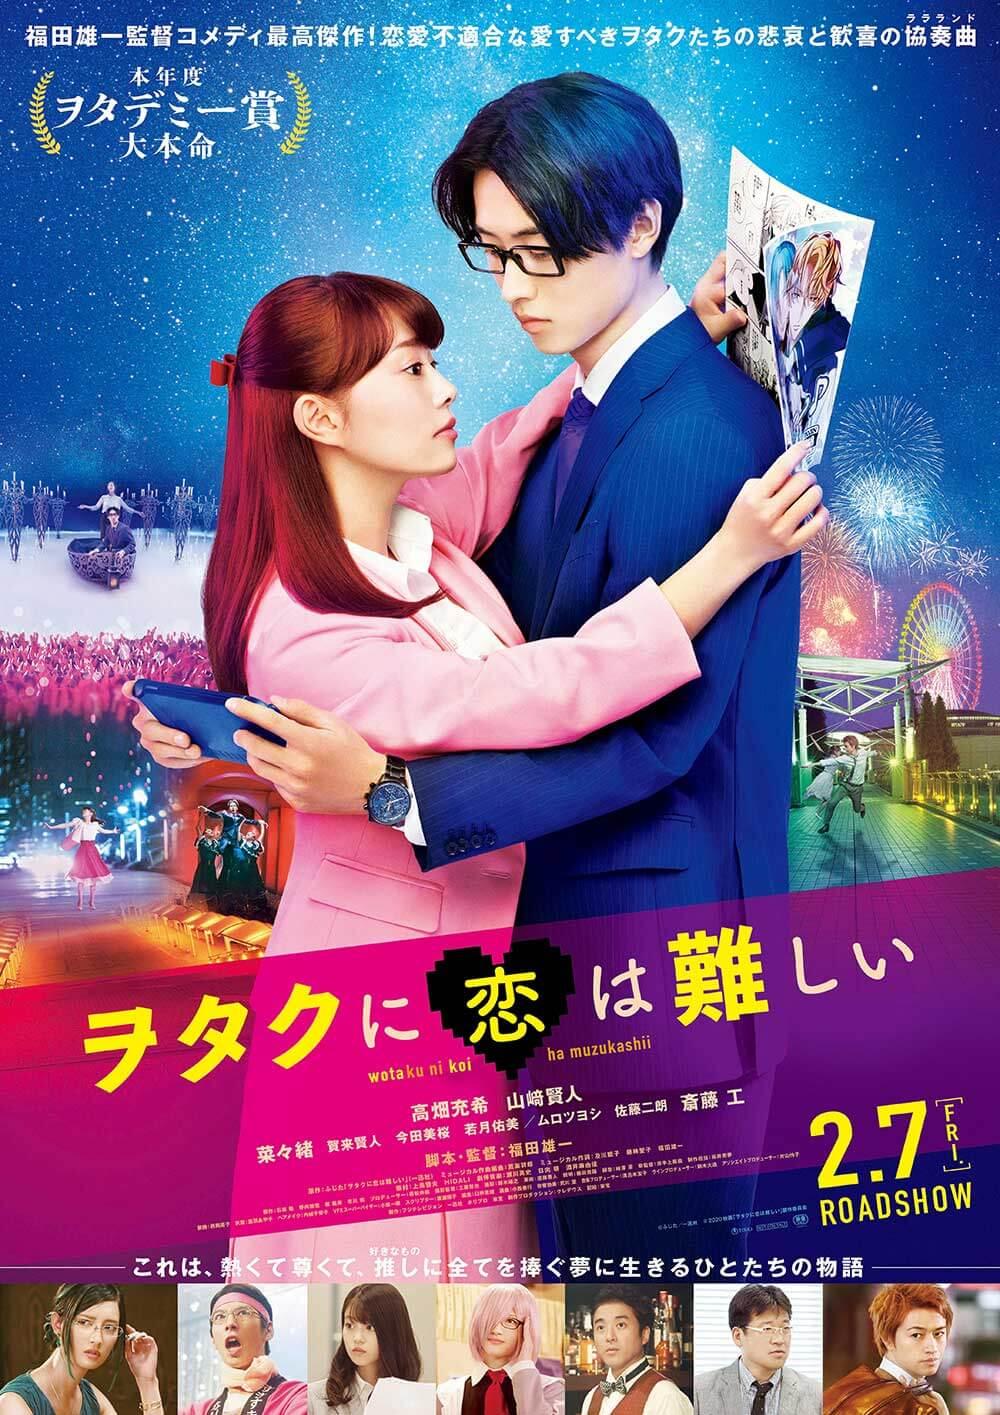 映画「ヲタクに恋は難しい」